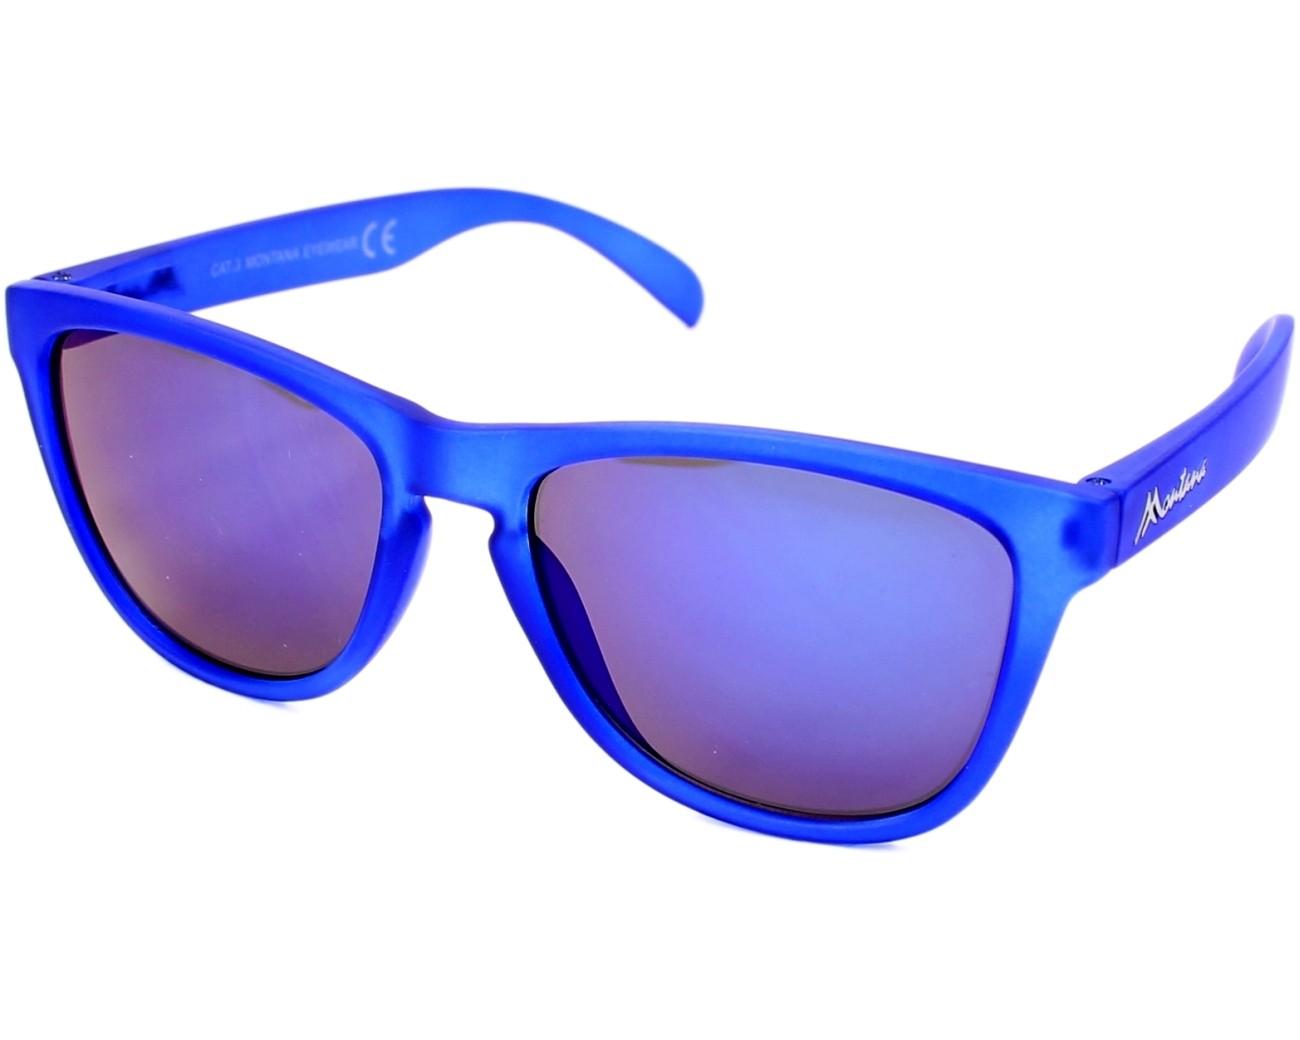 lunettes de soleil montana ms 31 b bleu avec des verres gris. Black Bedroom Furniture Sets. Home Design Ideas